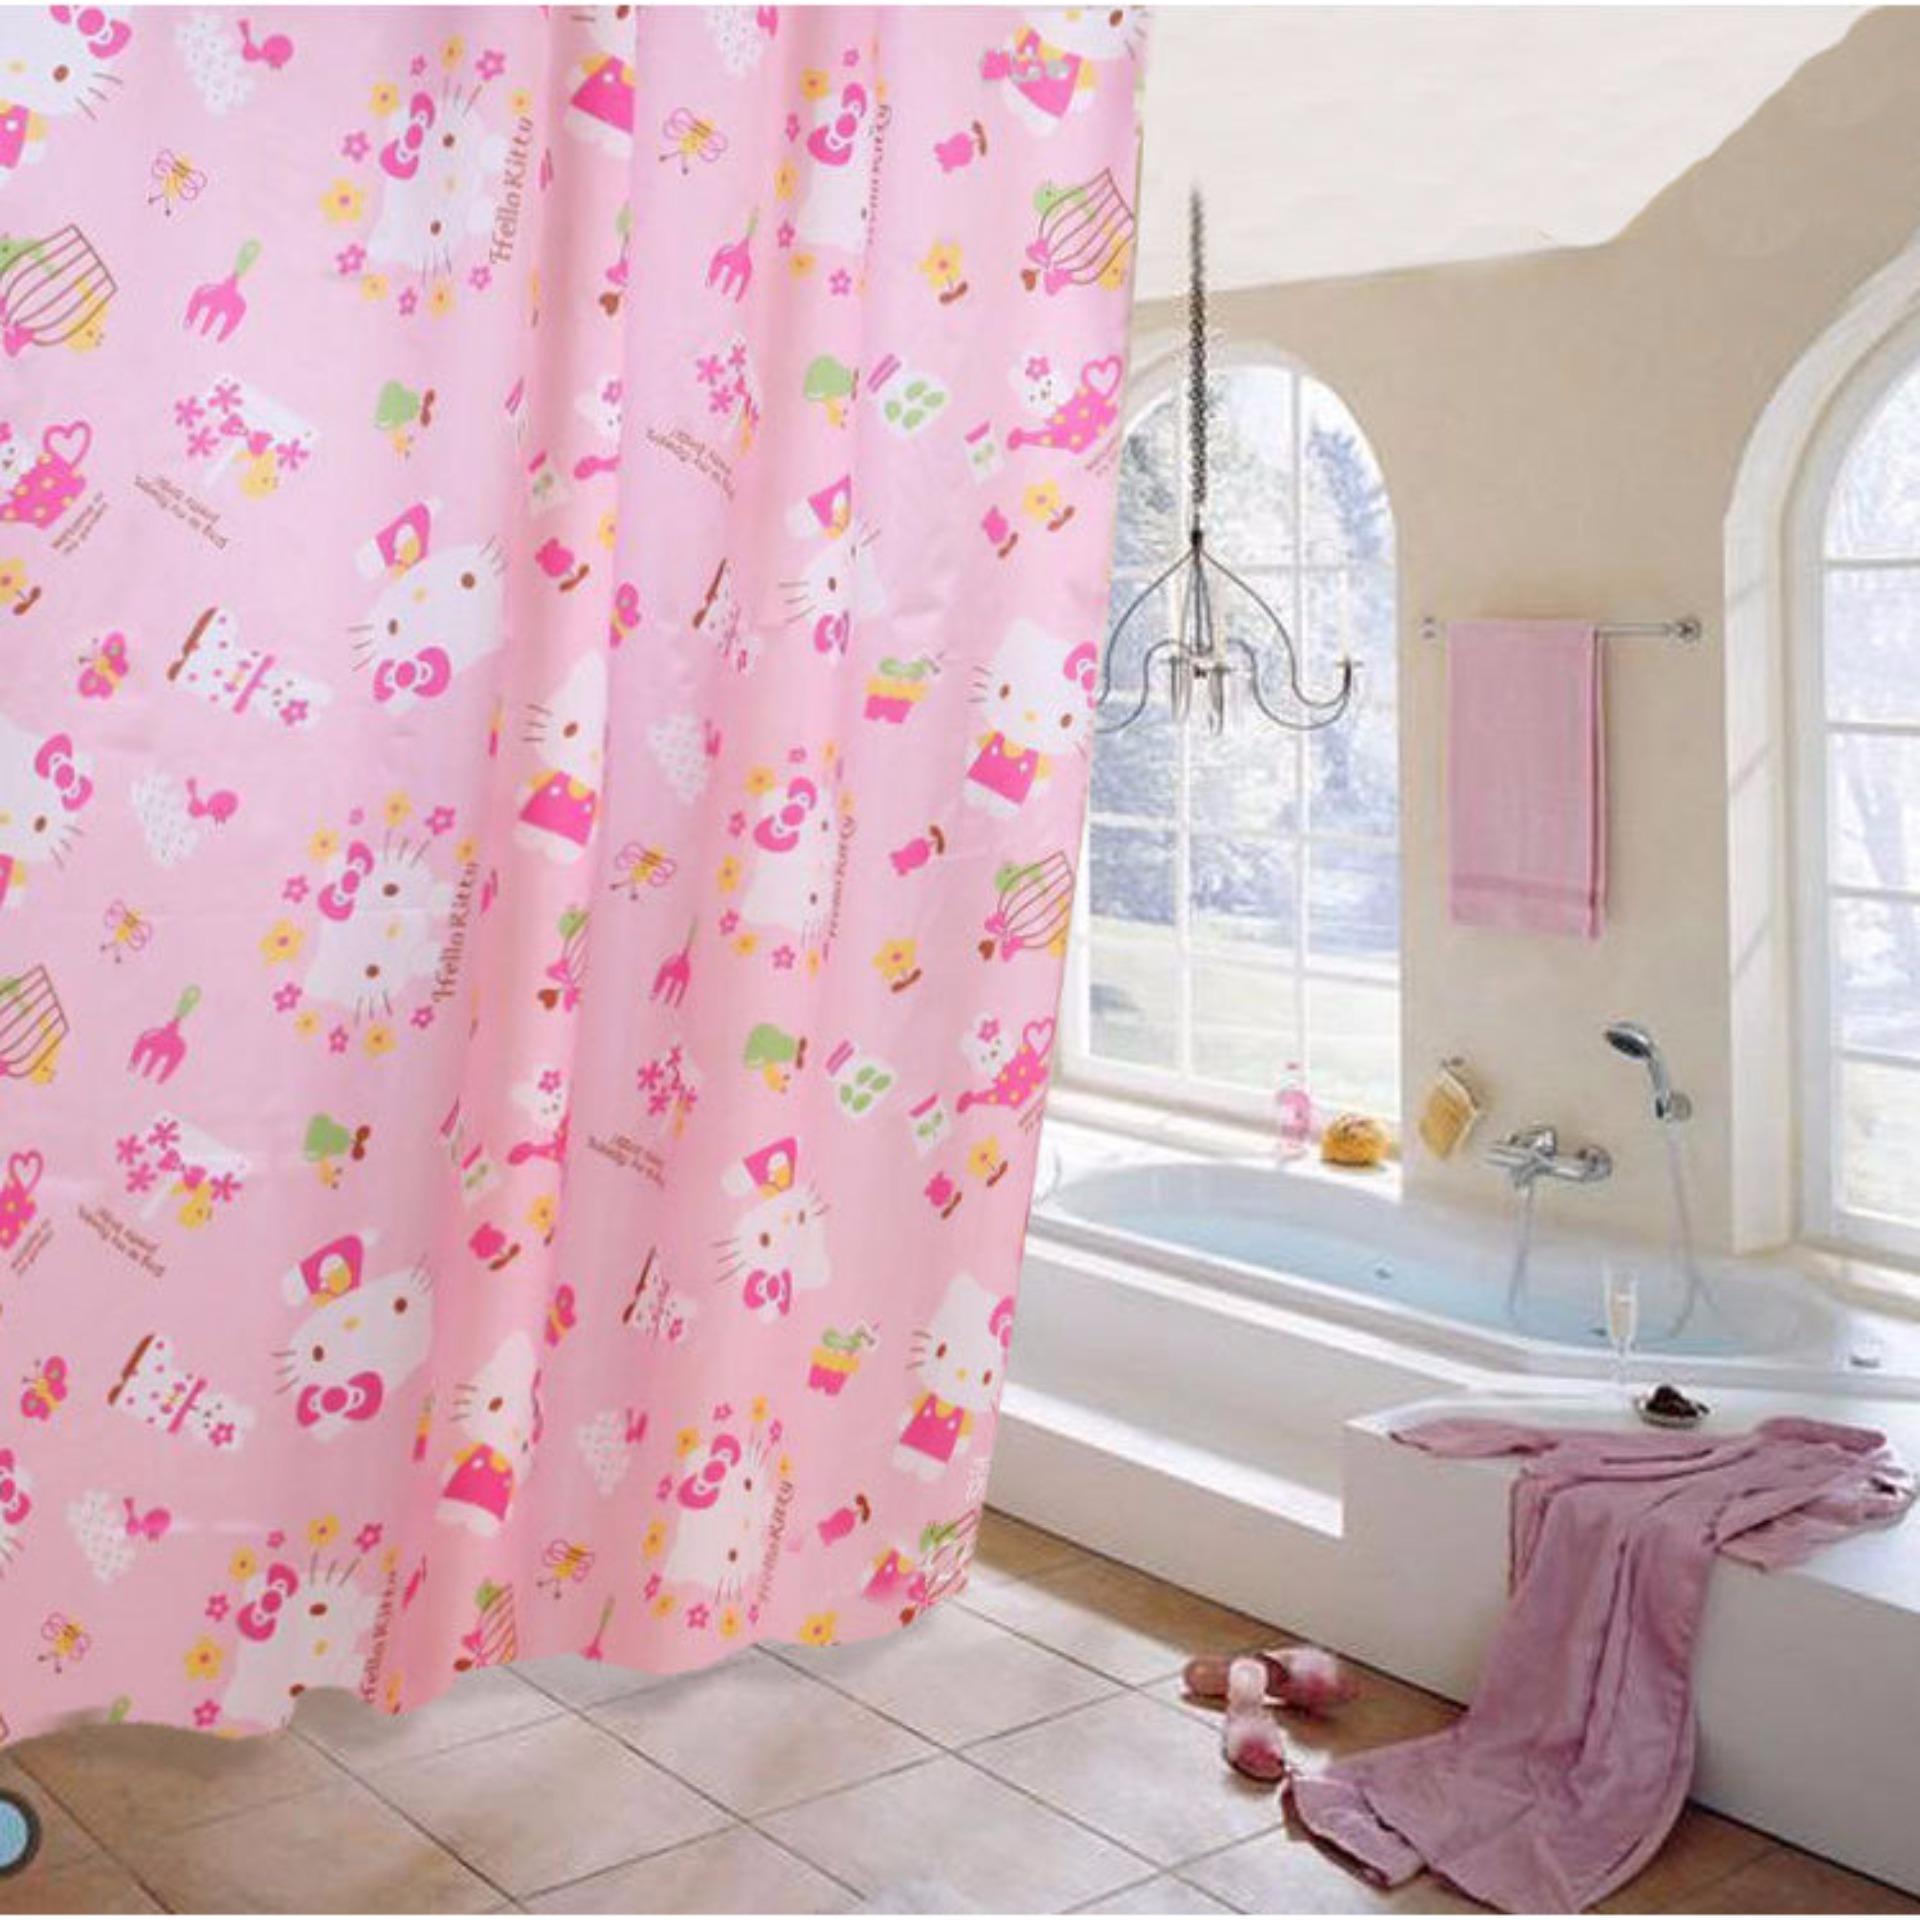 Cách mua màn treo nhà tắm satin 1m8x2m